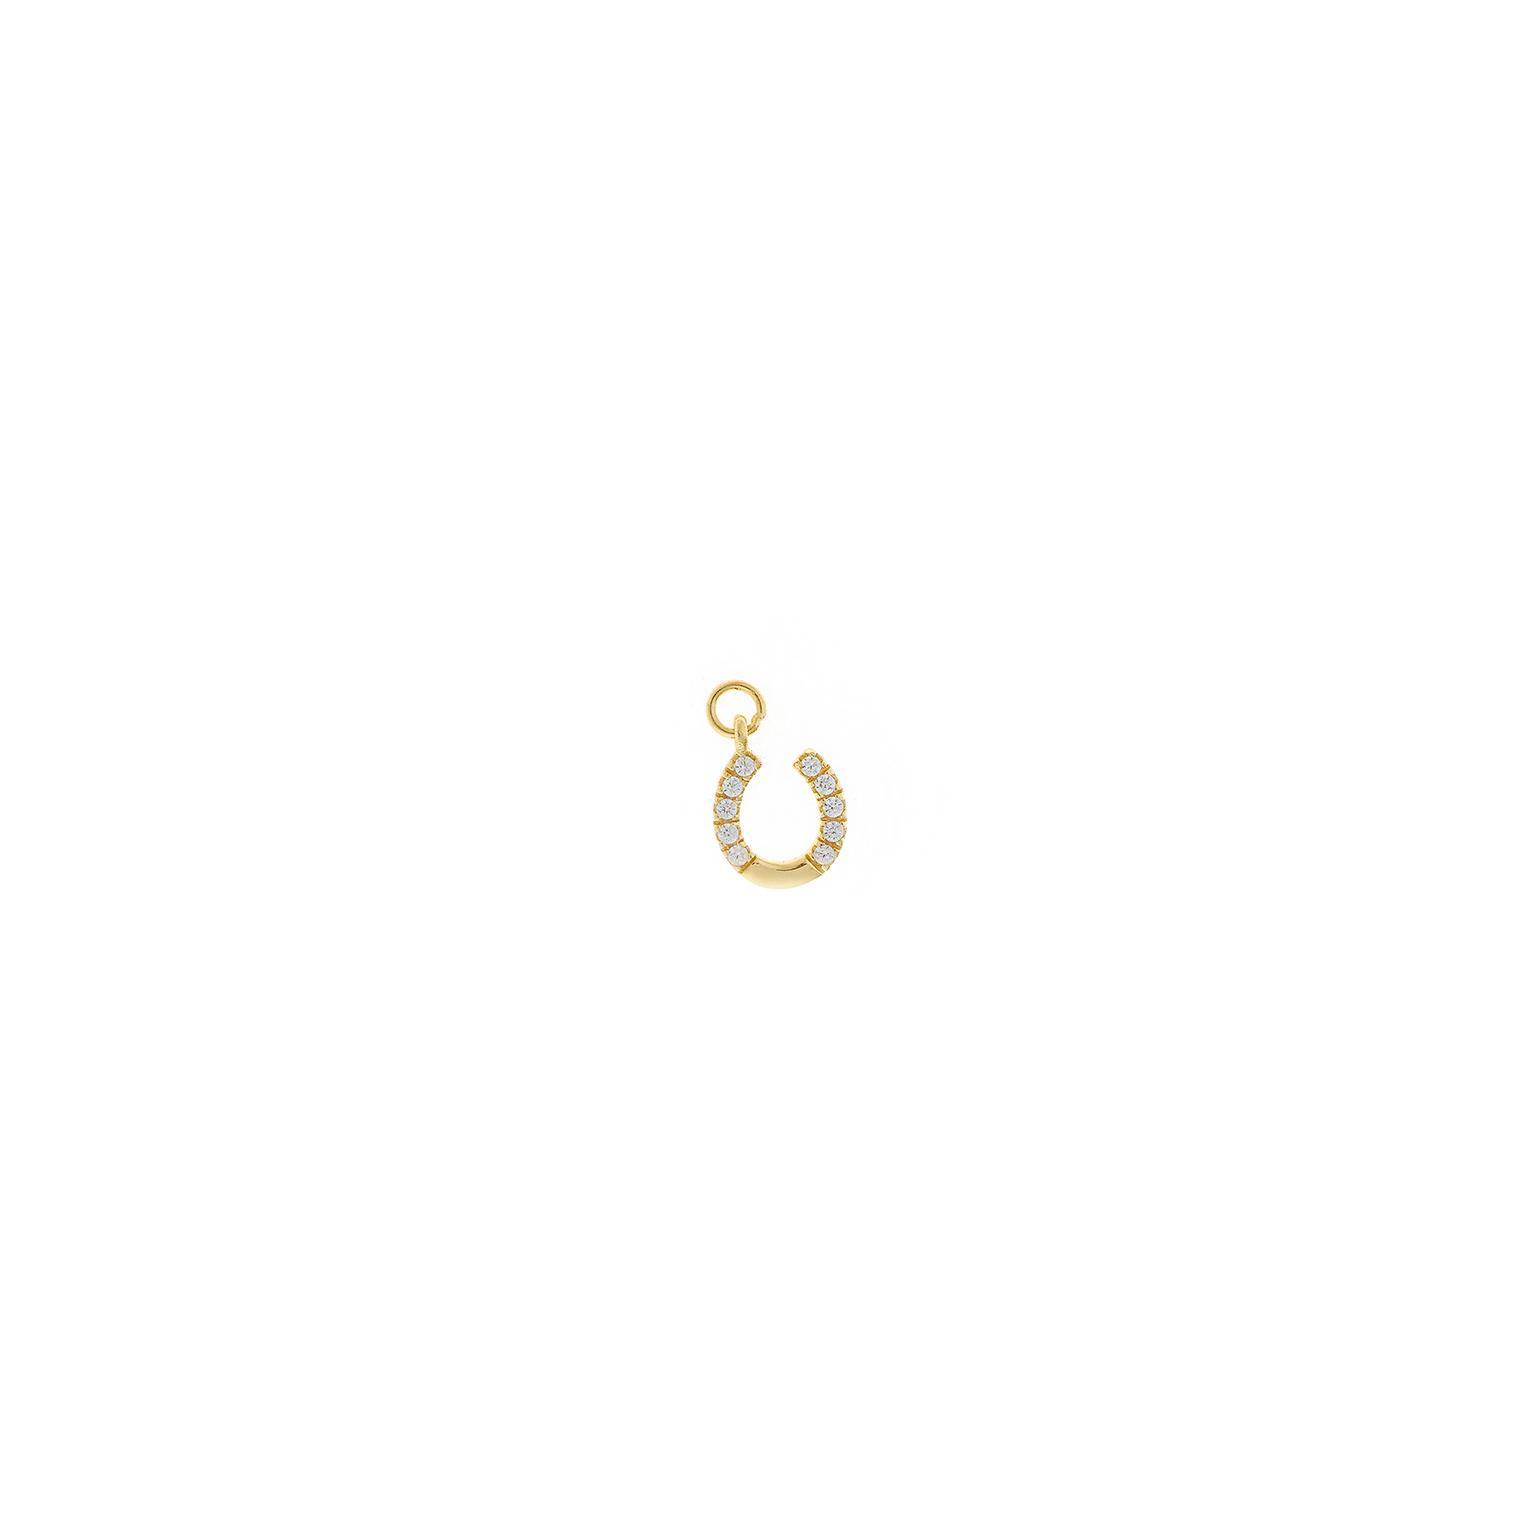 Charm plata Salvatore dorado herradura con circonitas blancas brillantes